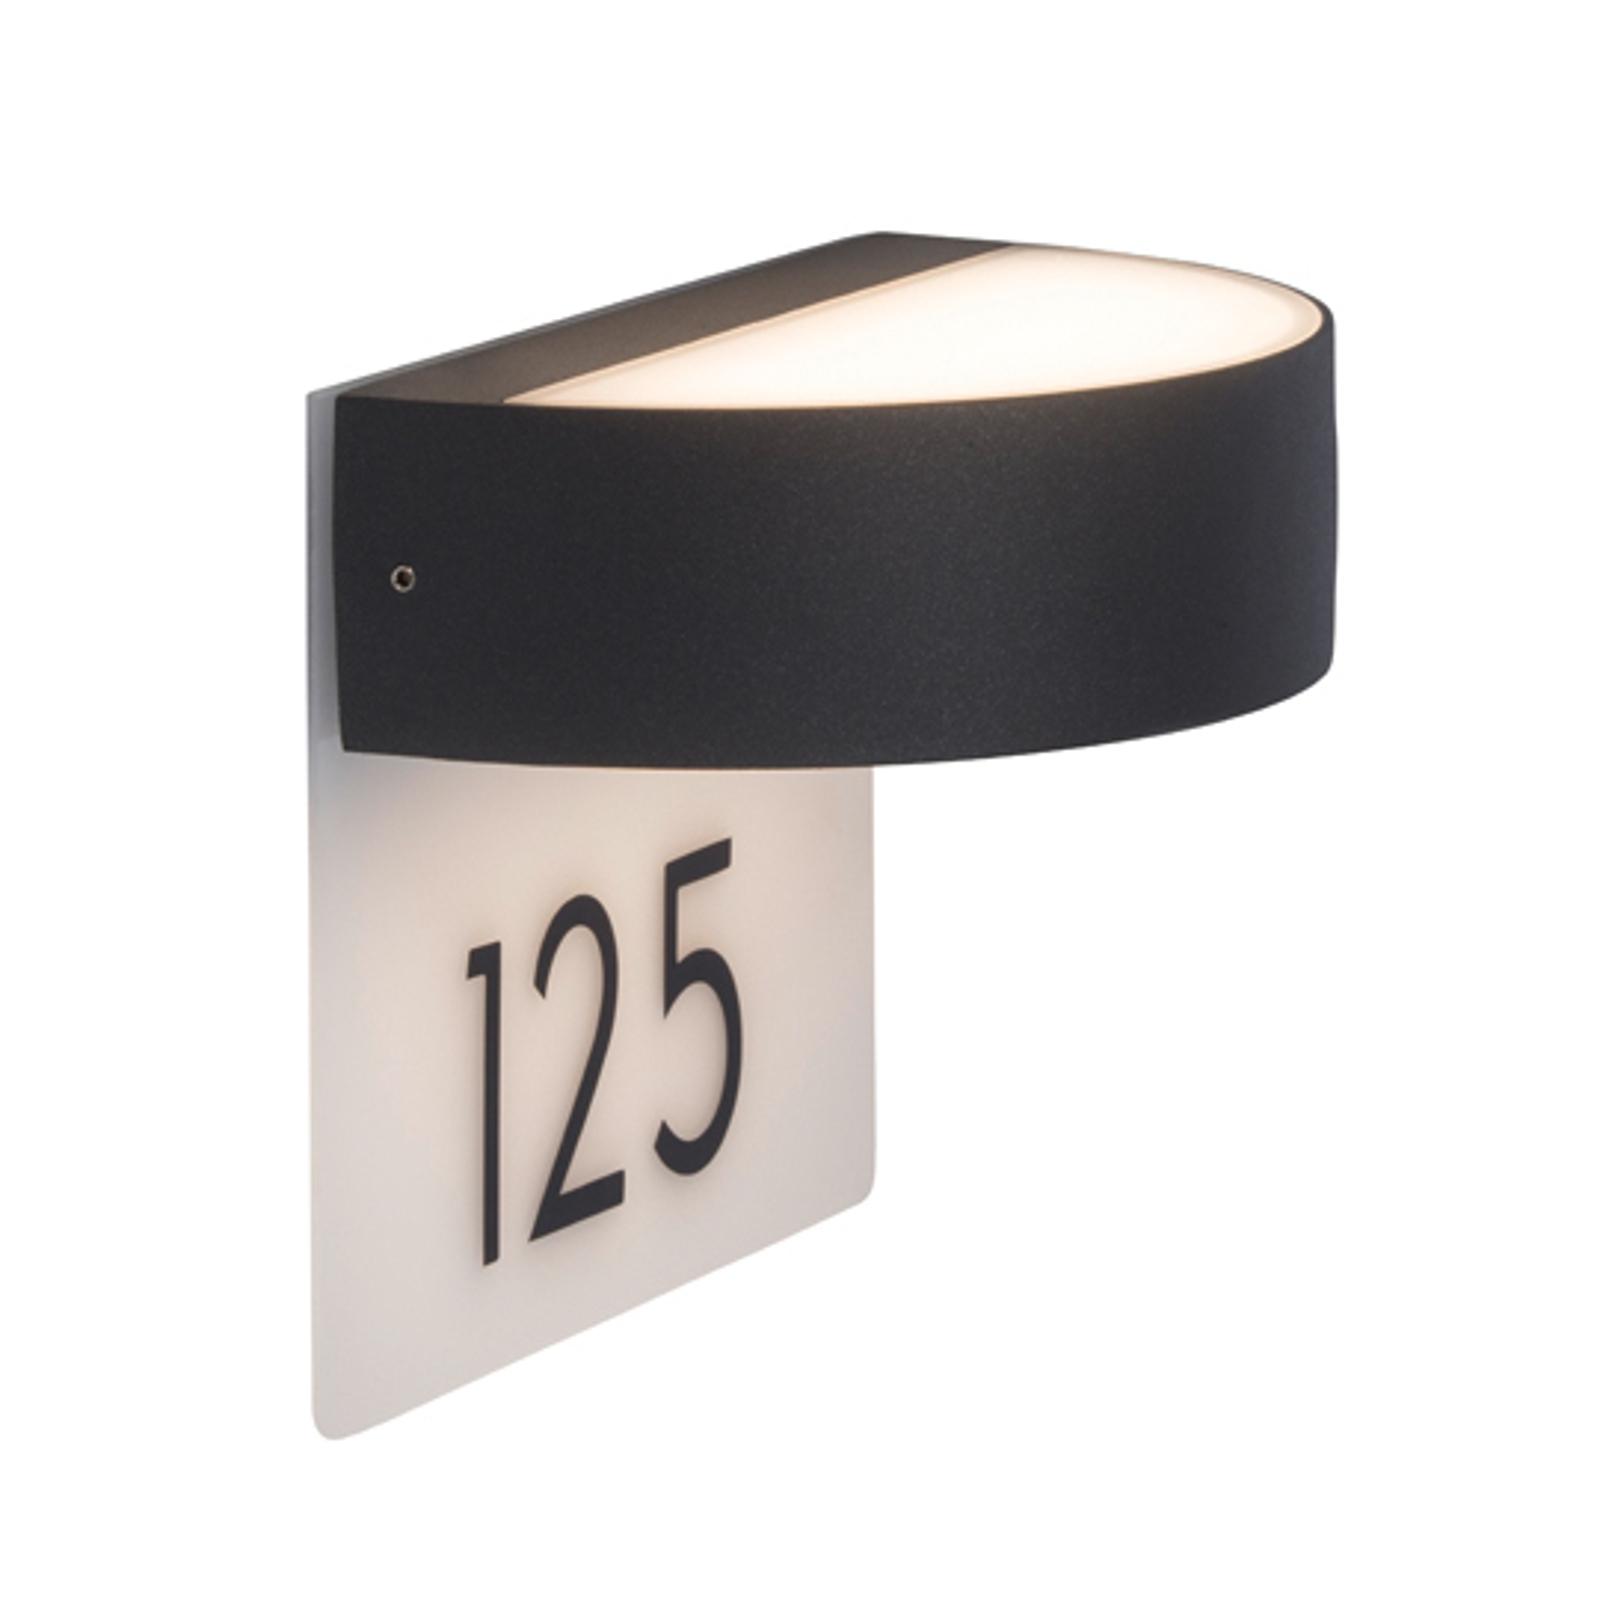 Élégant numéro de maison lumineux LED Monido